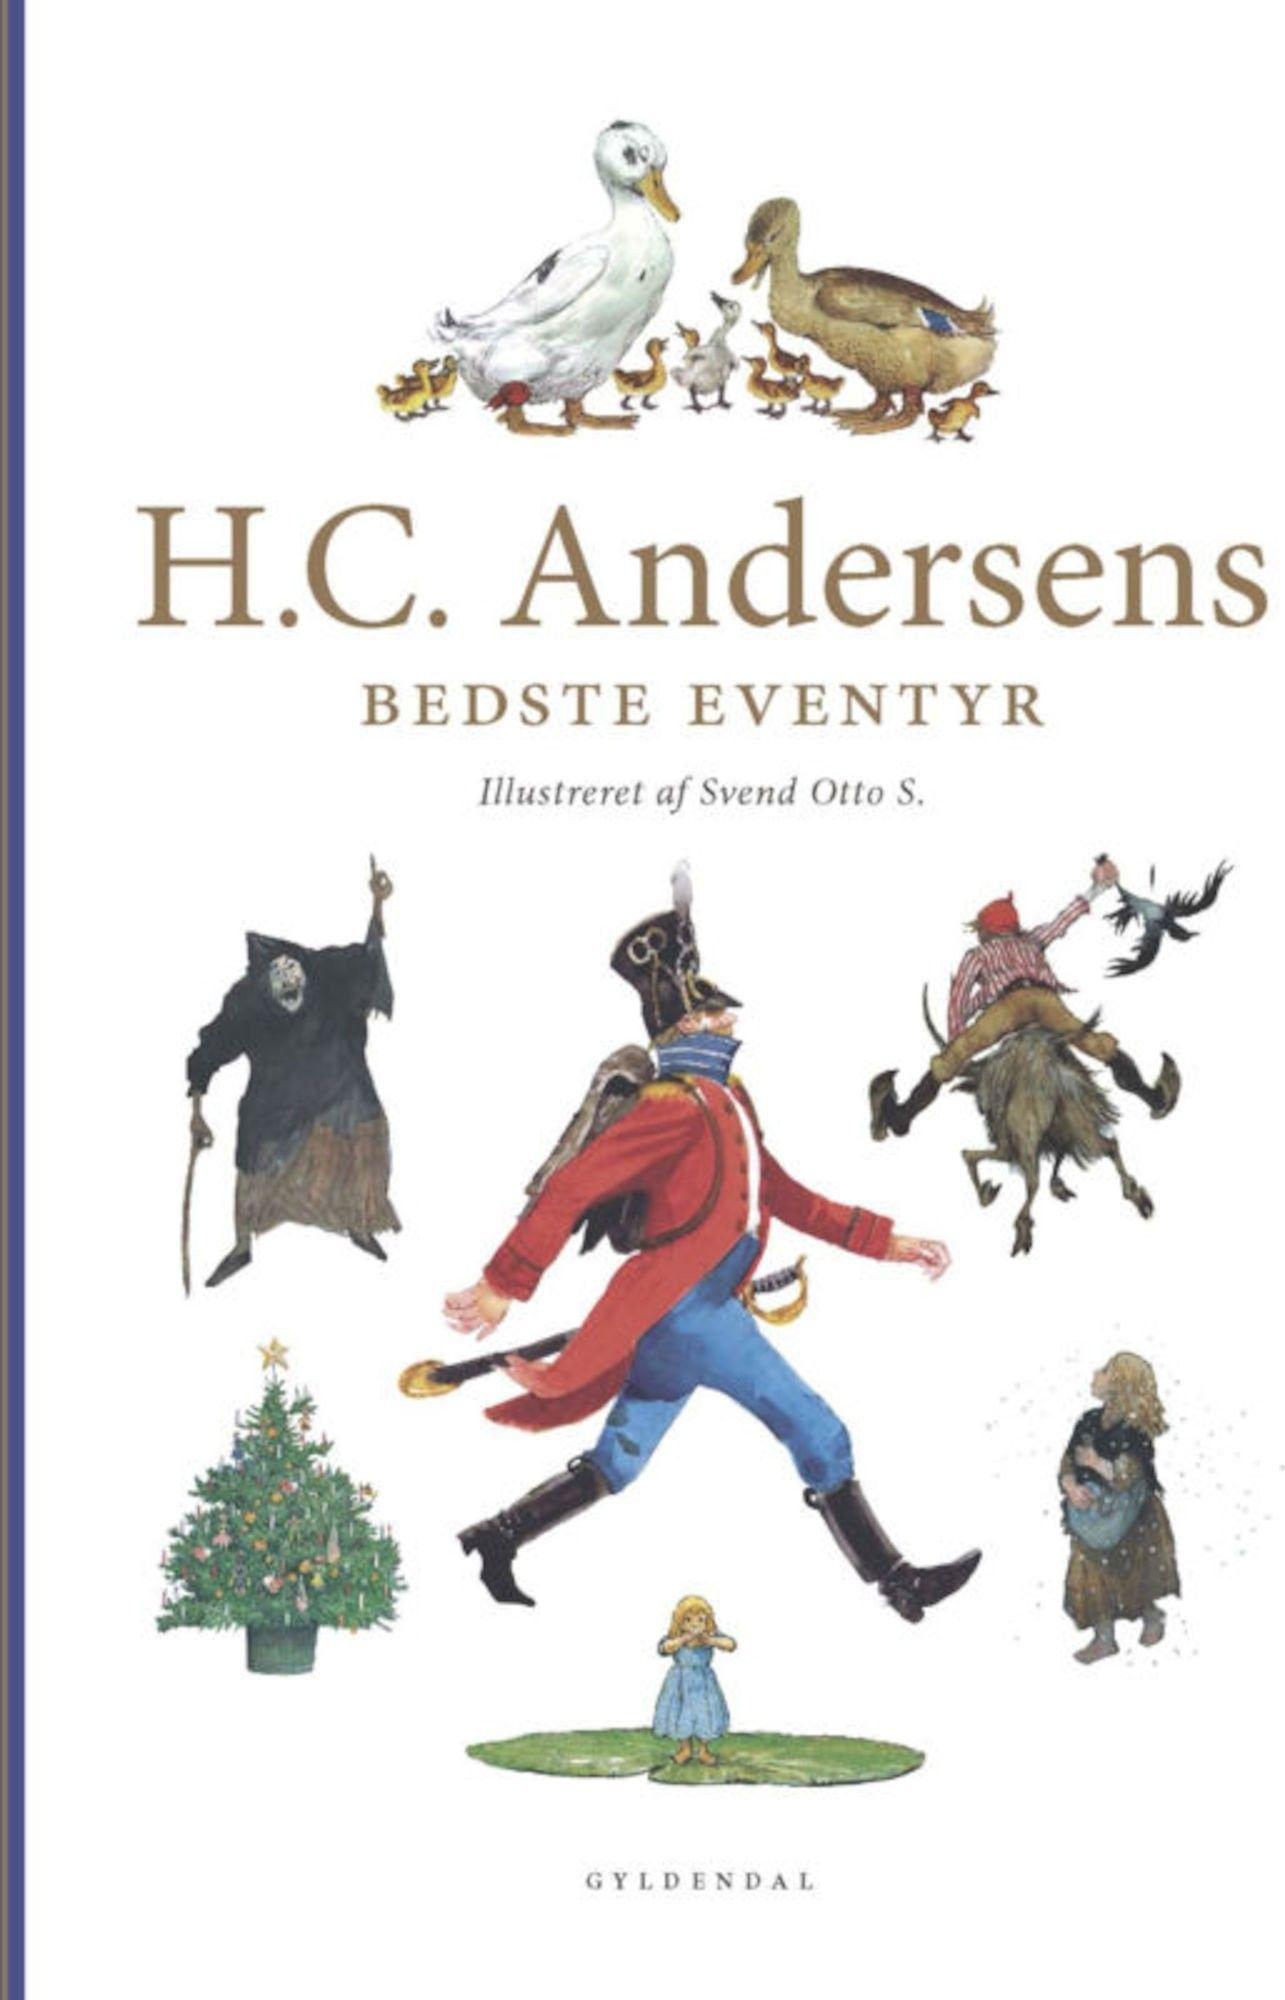 Pin Af Jan Slusarek Pa H C Andersen Og Fremtiden Kun I Odense Fyn Eventyr Illustration Og Svaner